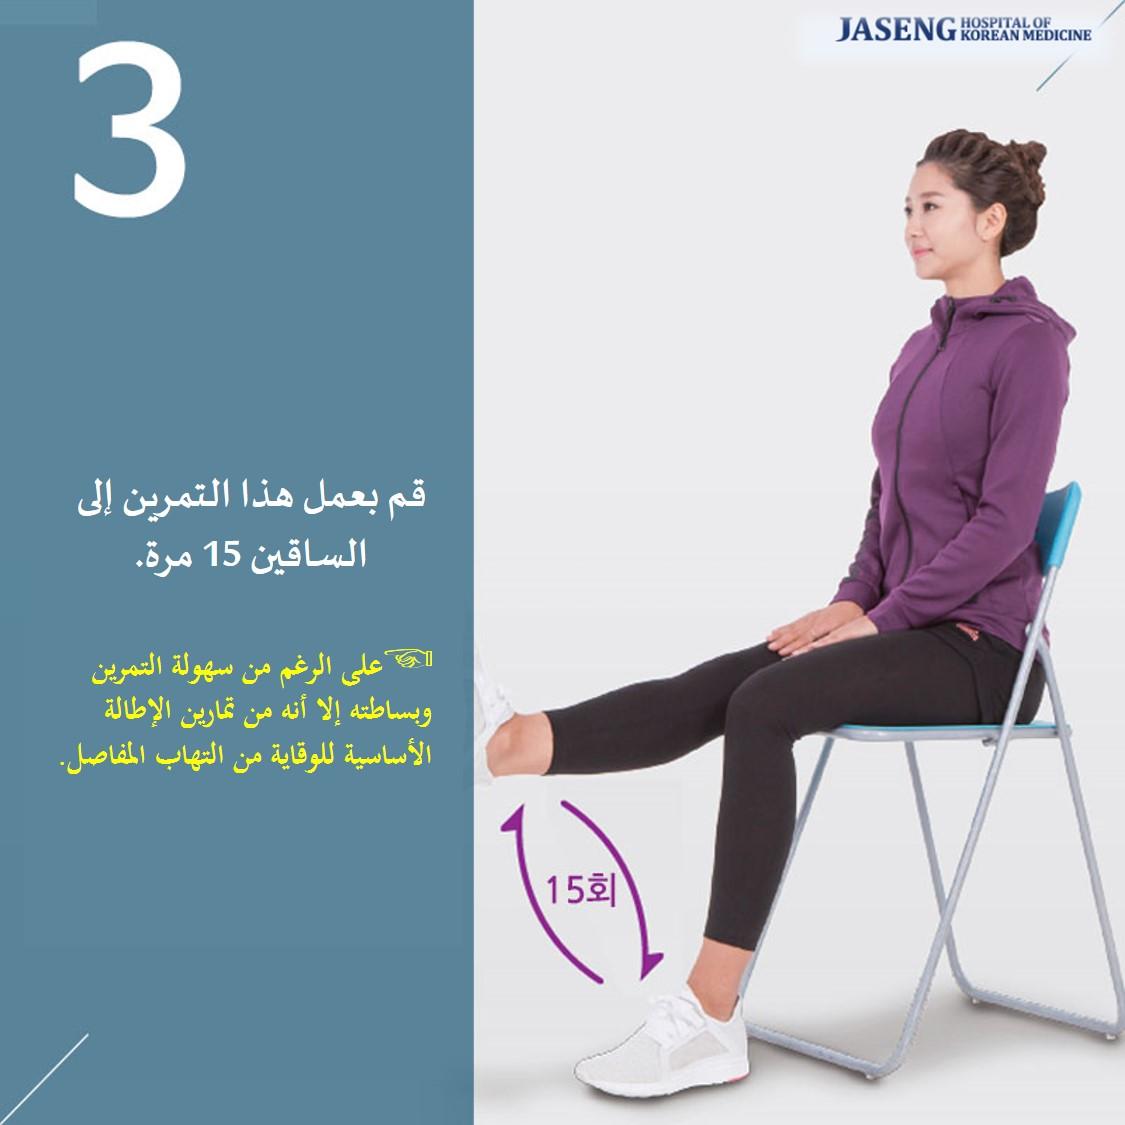 قم بعمل هذا التمرين إلى الساقين 15 مرة.